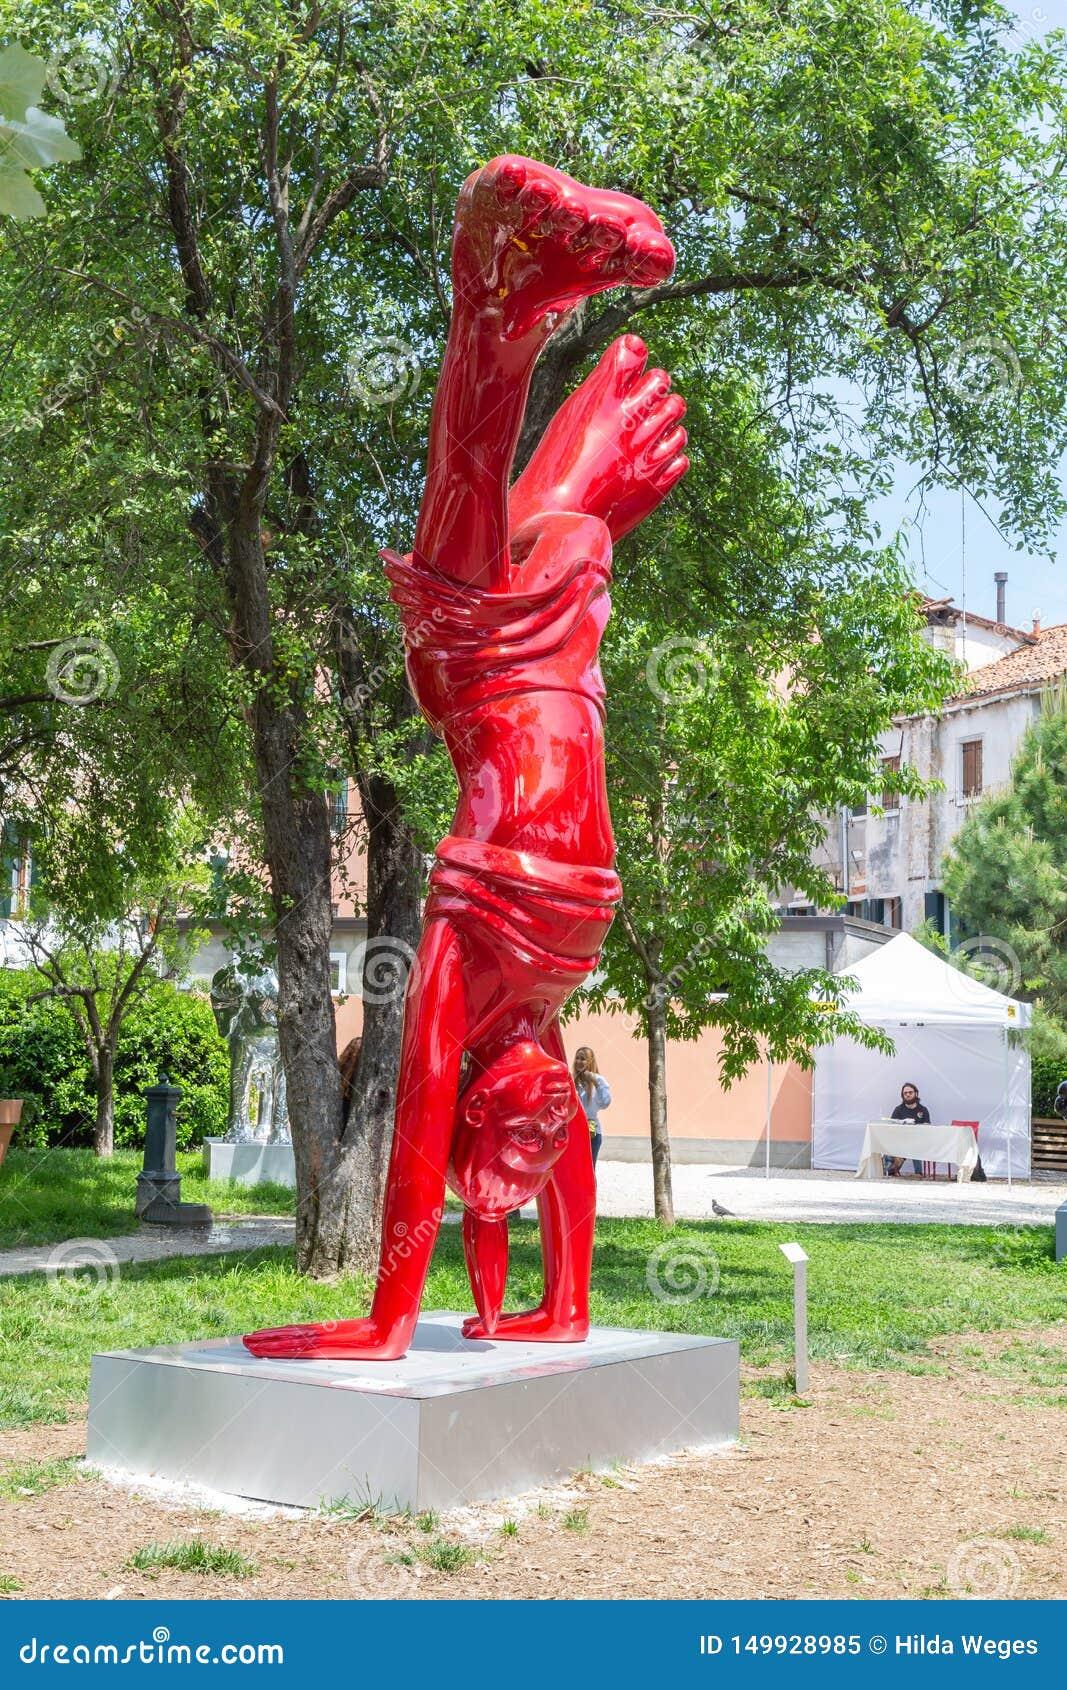 Escultura Nena Biennale Venice 2019